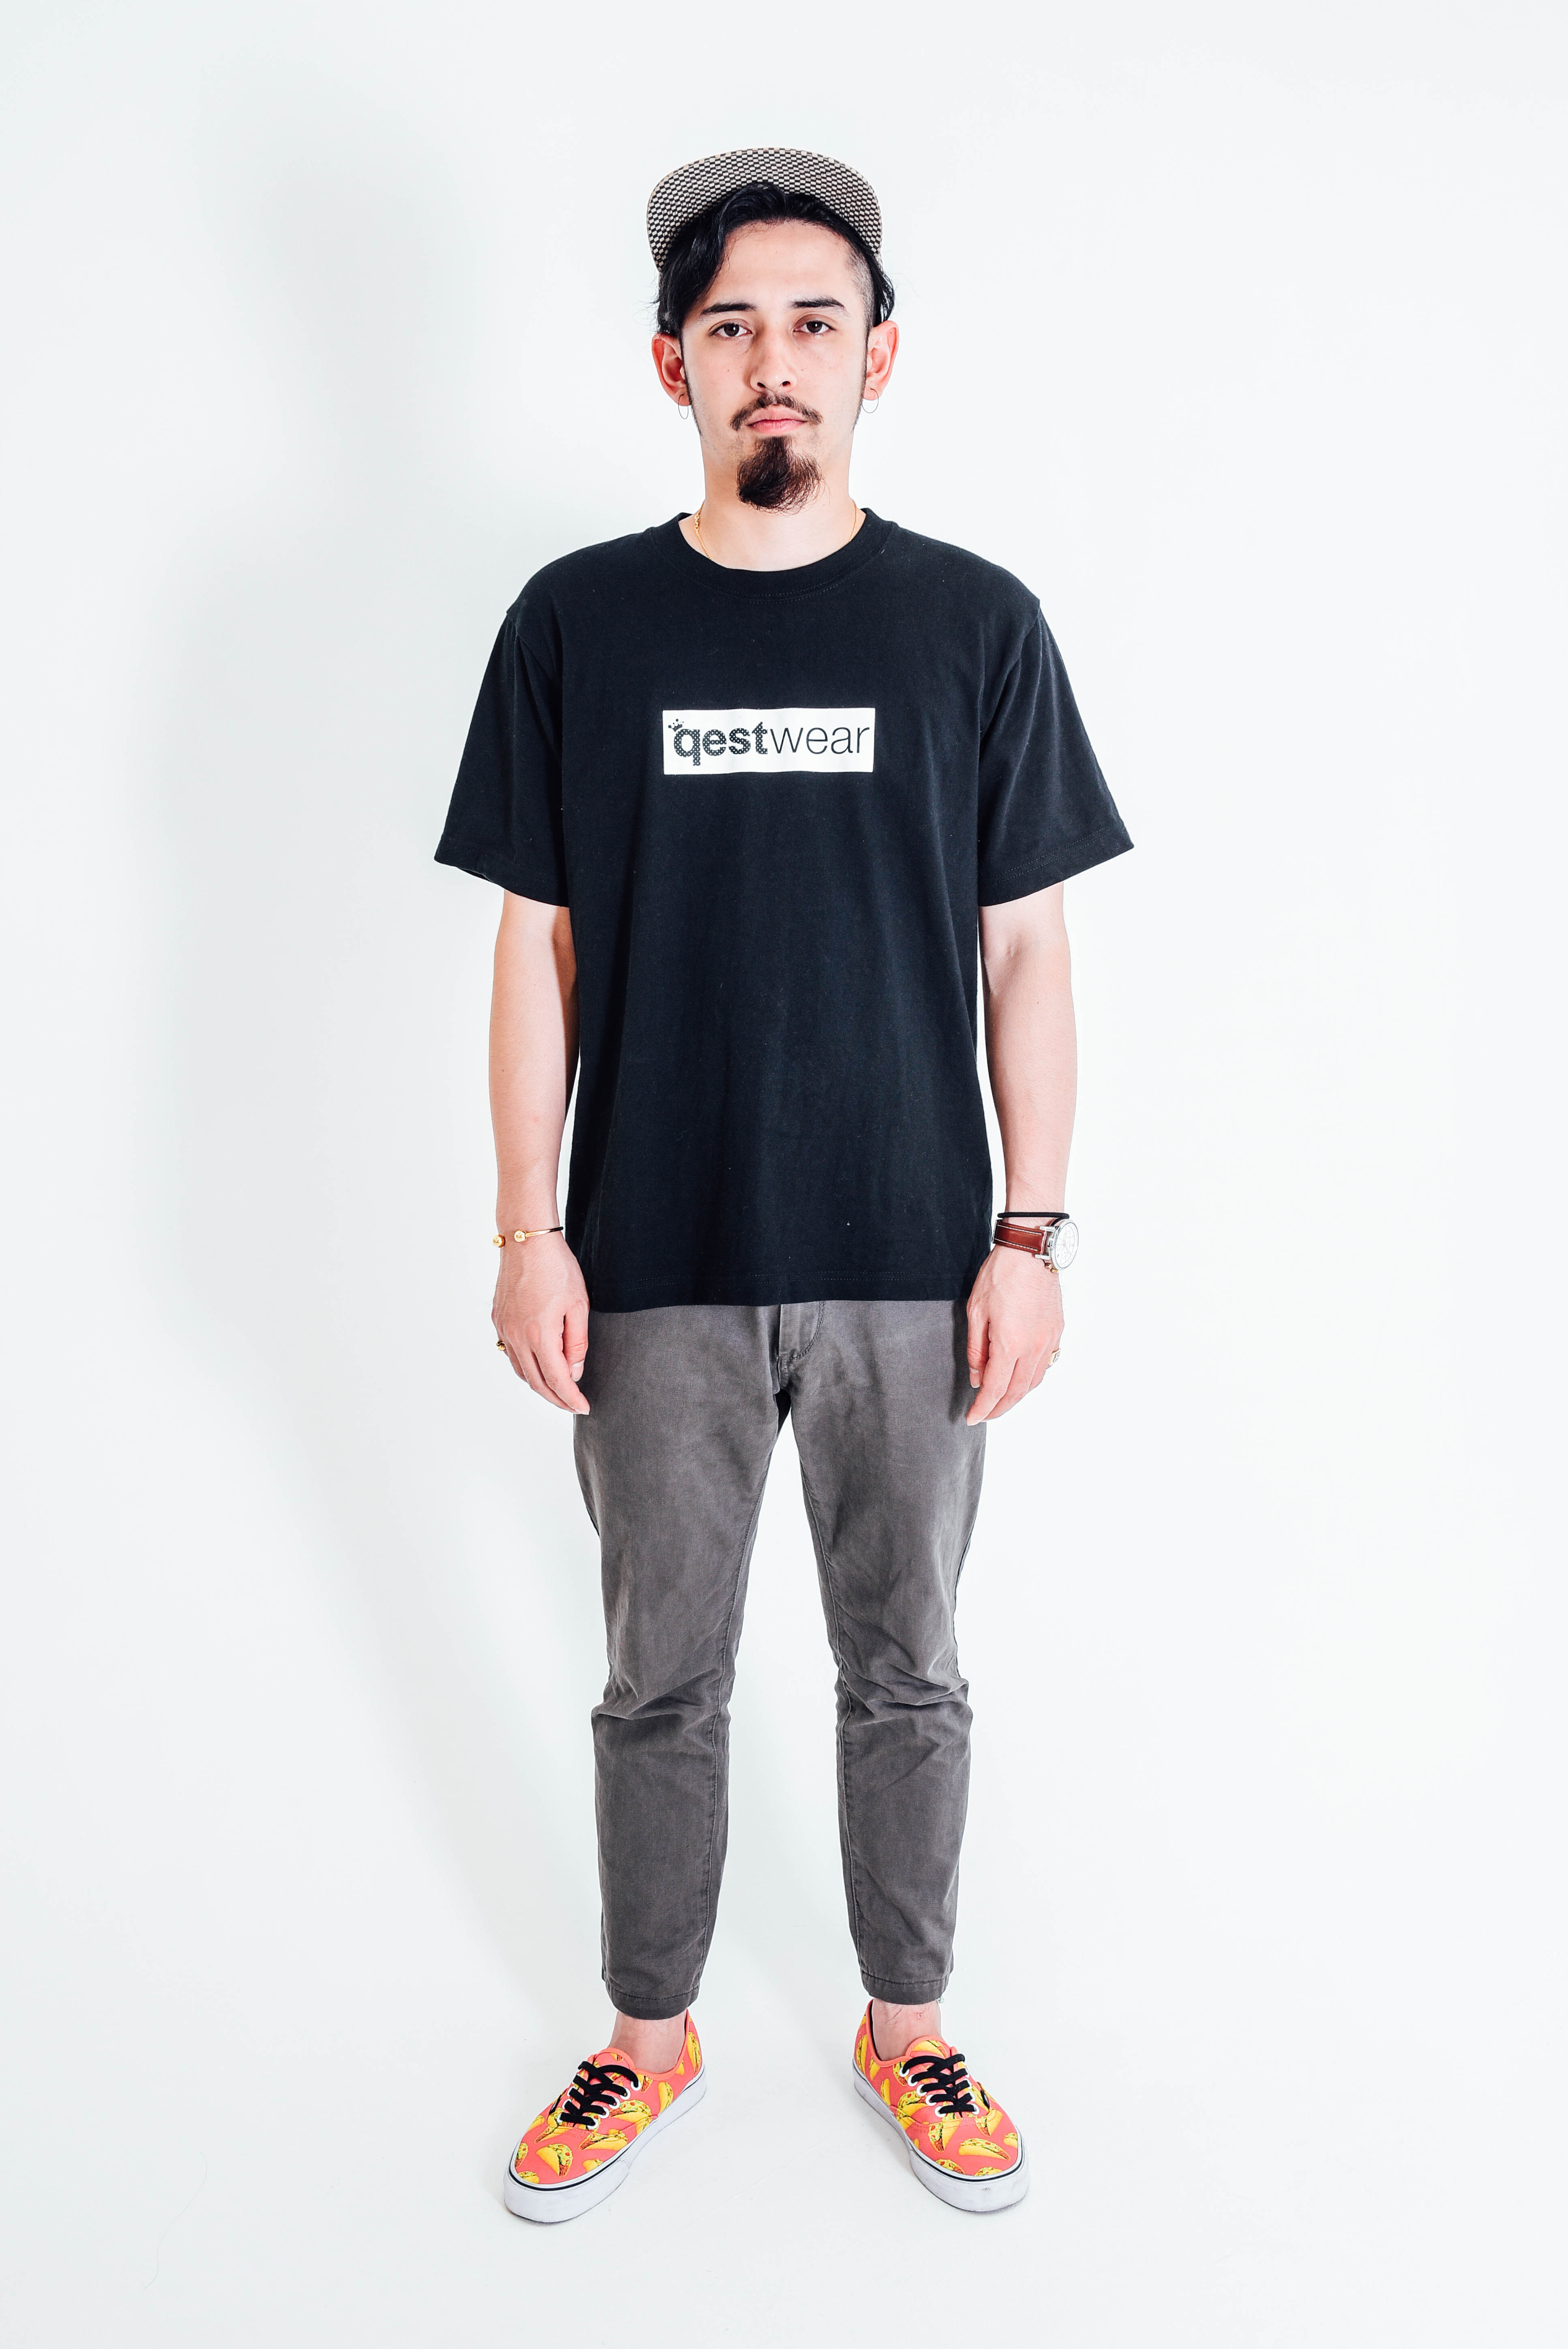 Box Logo Tshirt / Black - 画像3